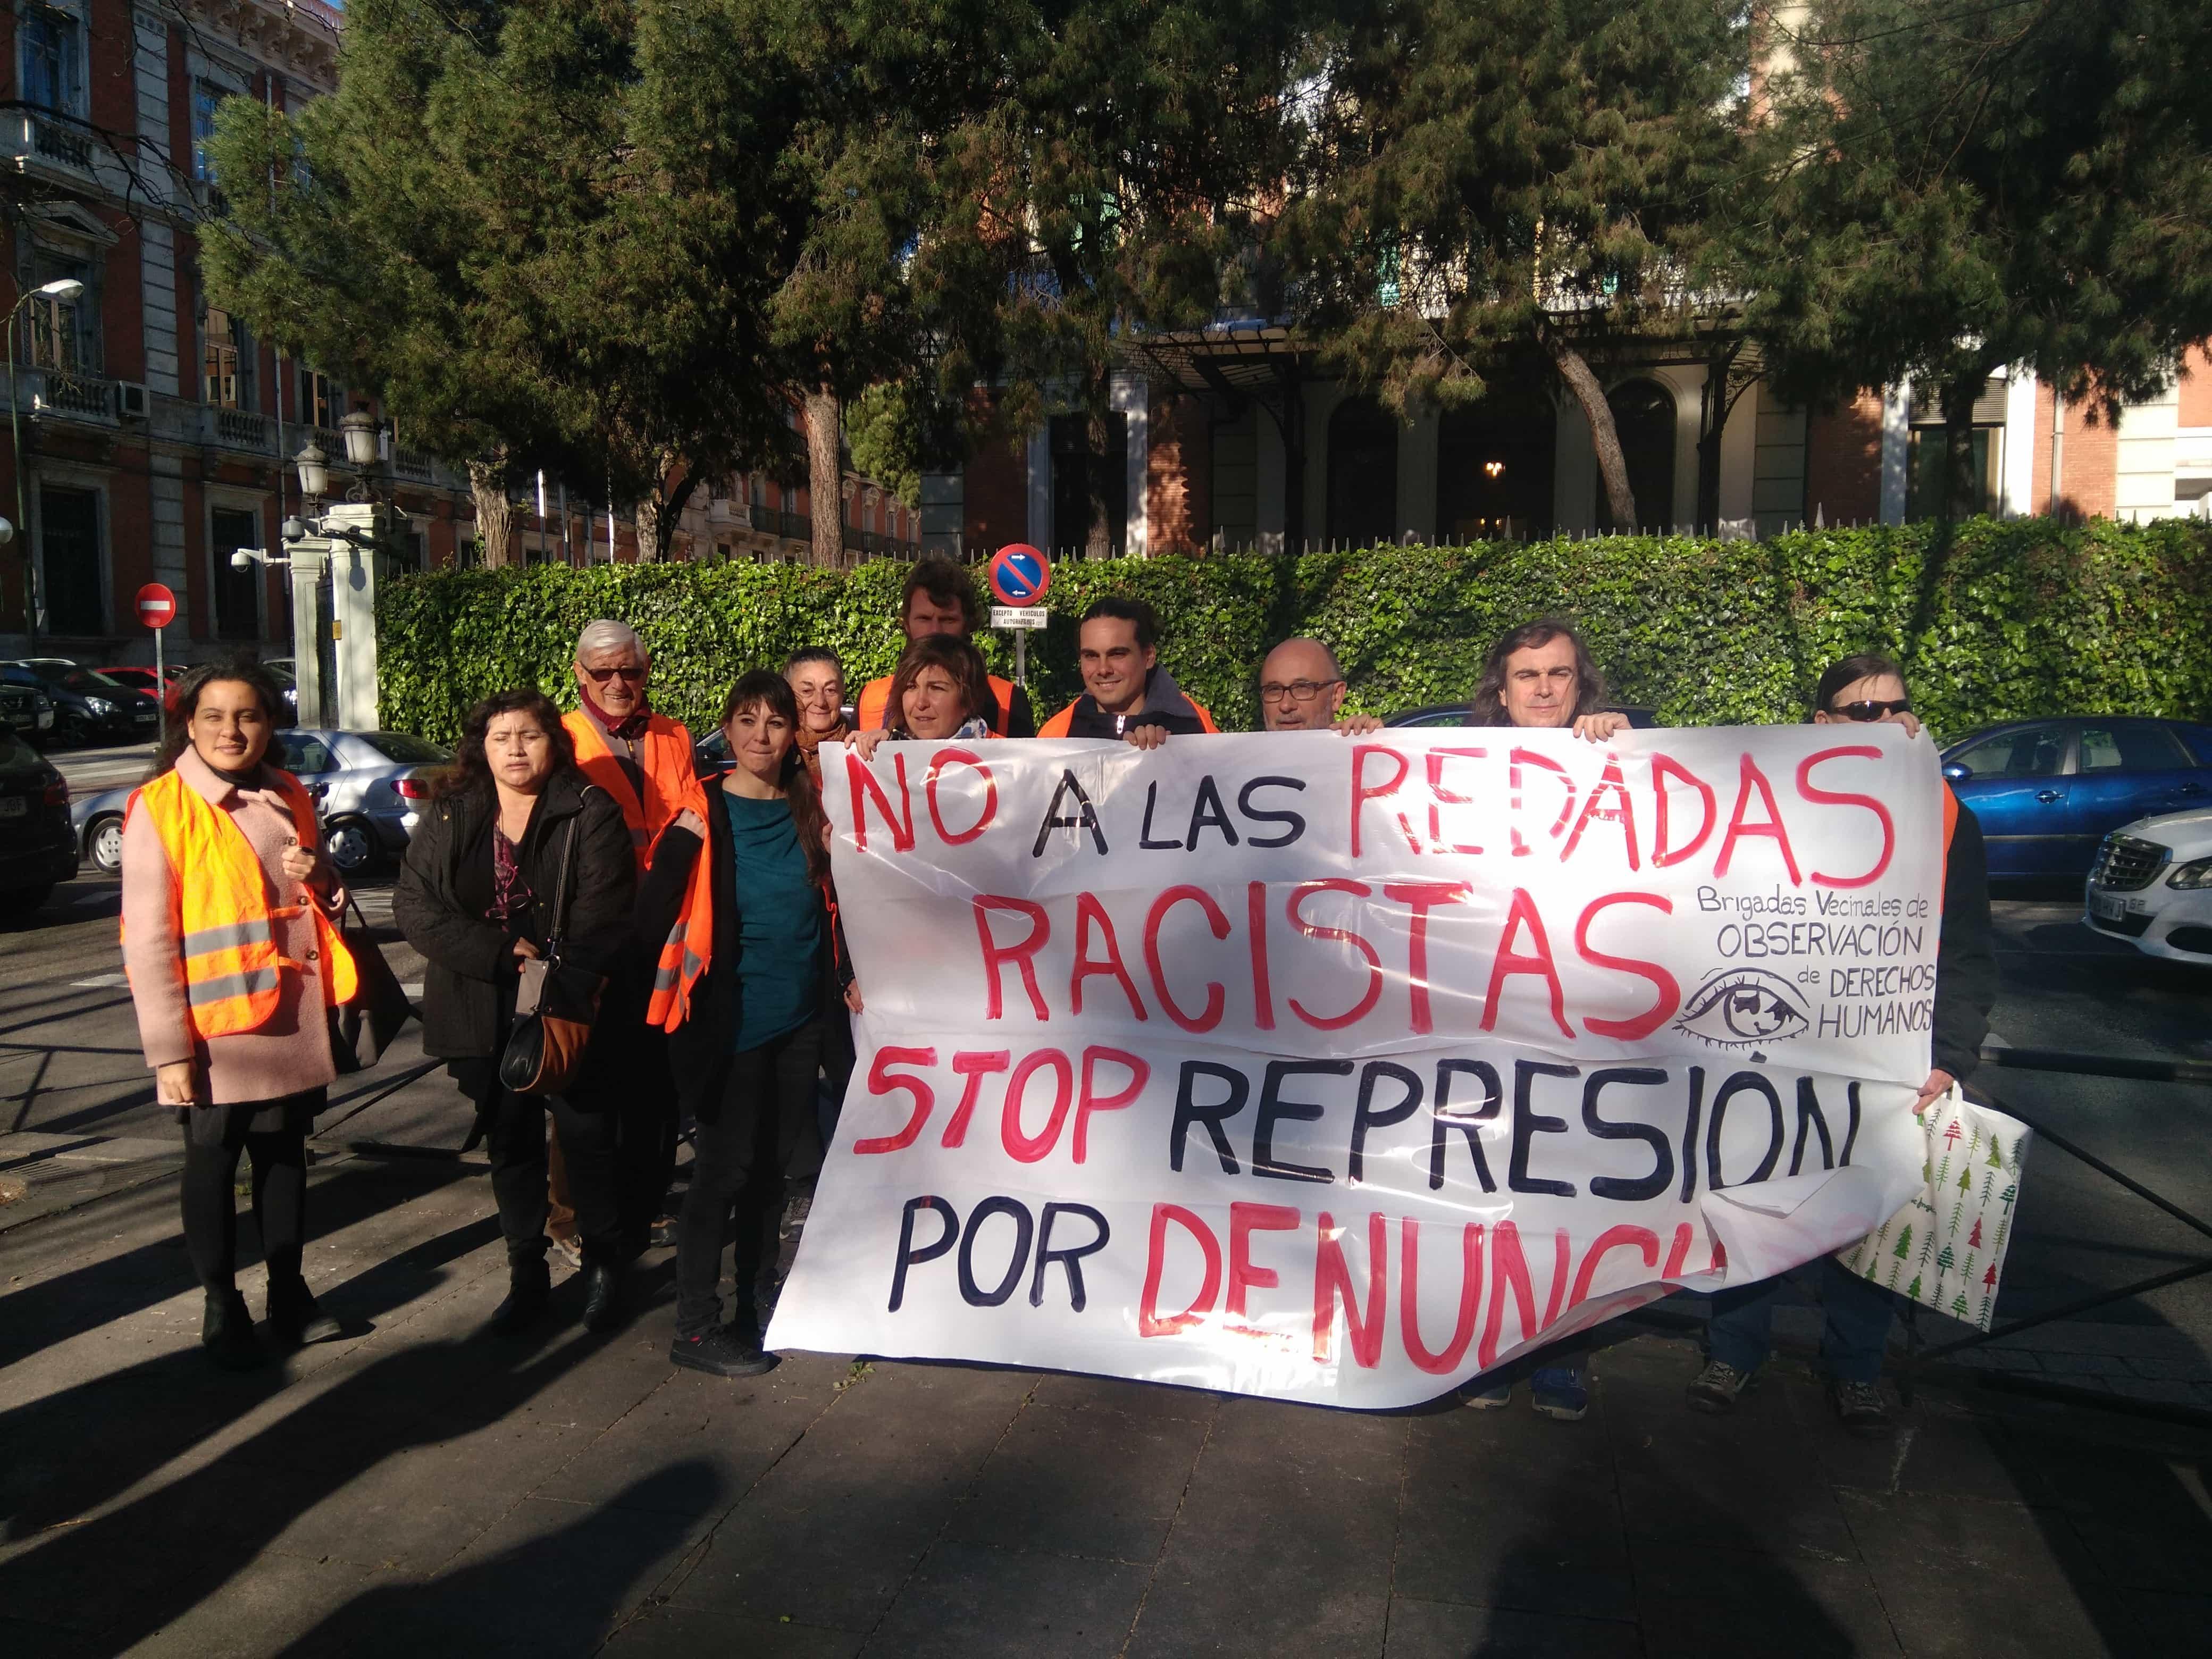 Miembros de las Brigadas Vecinales de Observación de los Derechos Humanos frente al Ministerio de Interior.